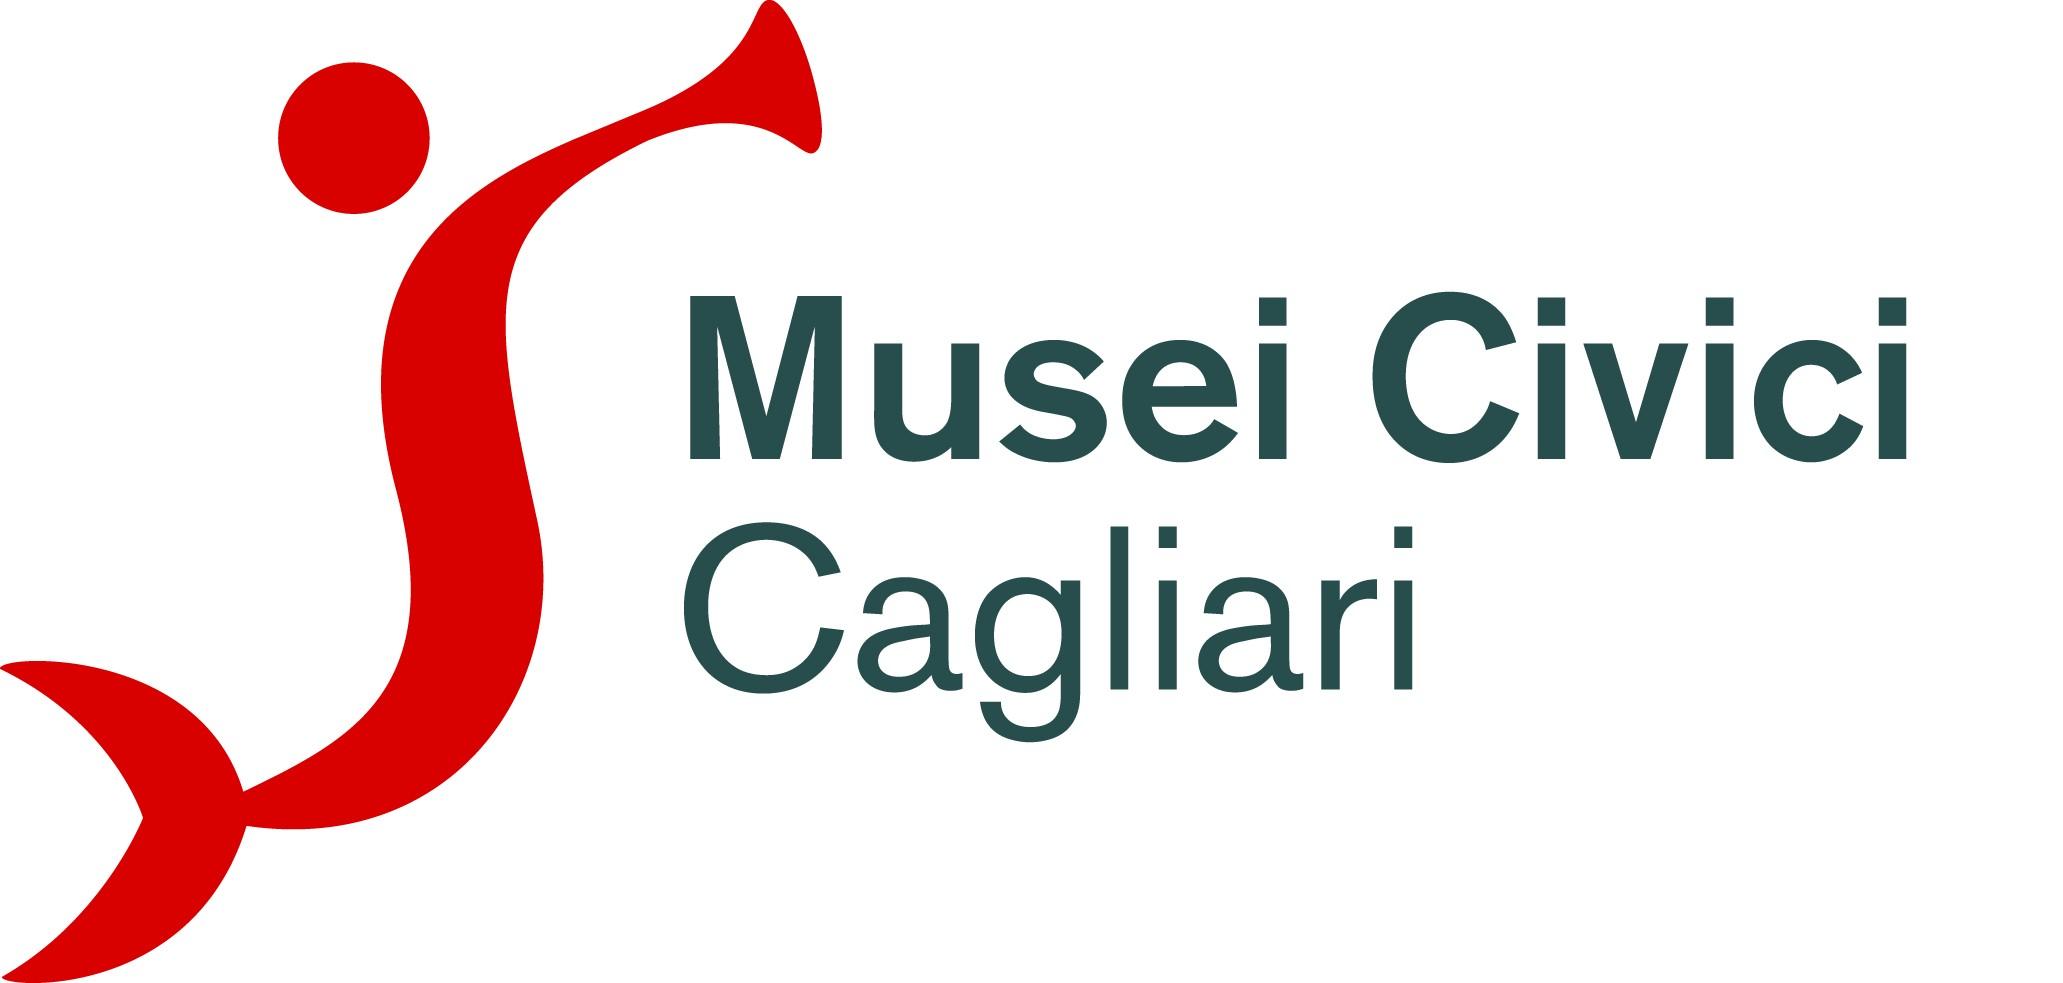 Comunicato Stampa Musei Civici Cagliari